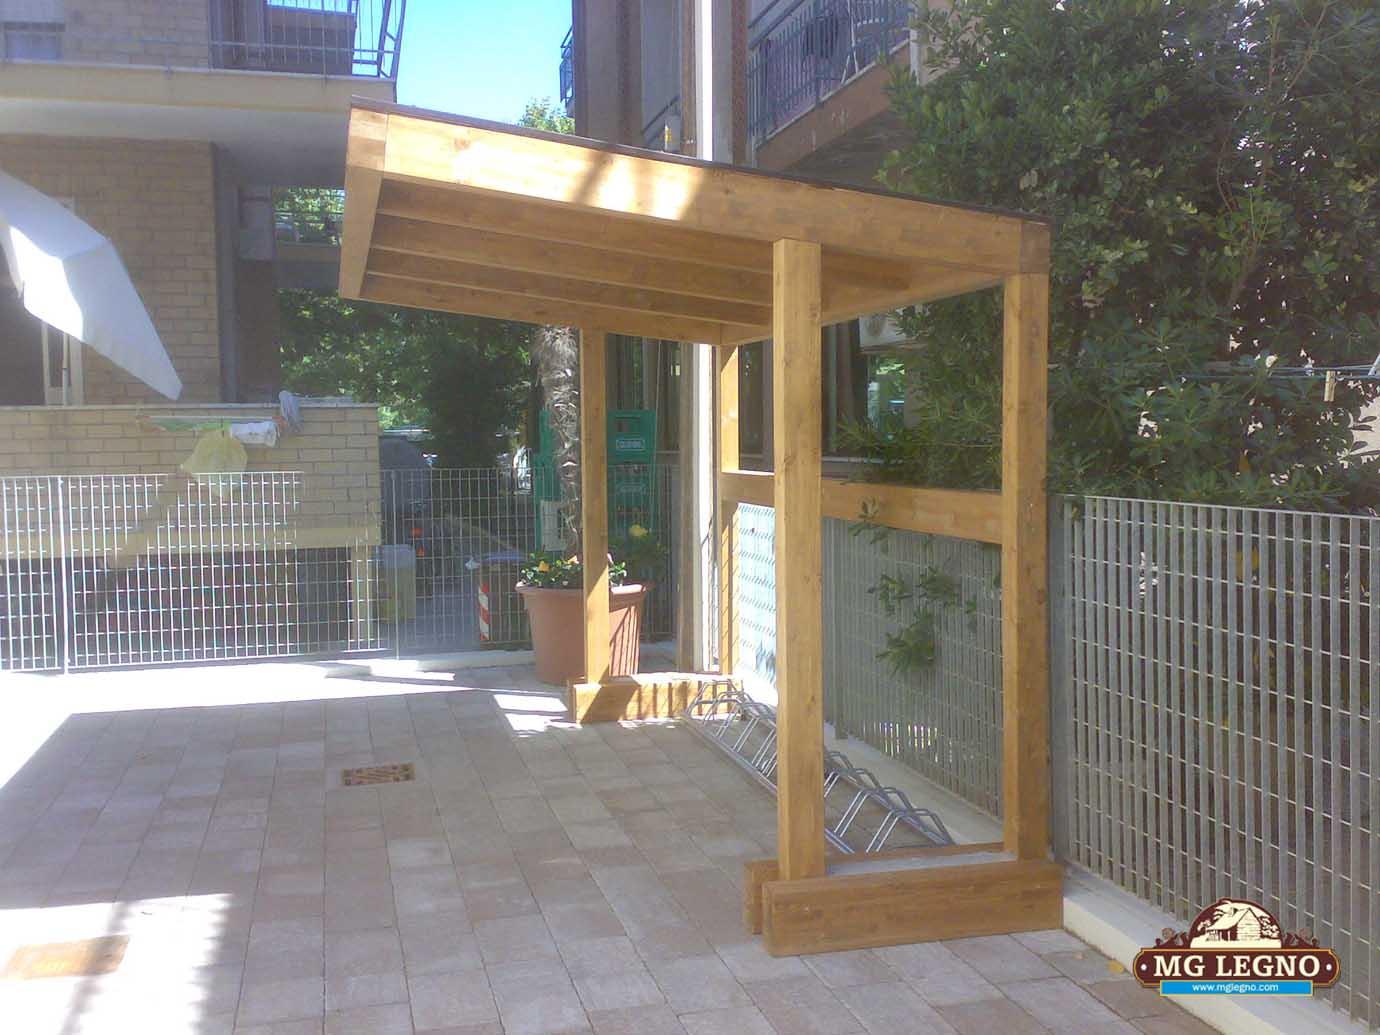 Portabici mg legno arredo tetti in legno case in legno - Portabici in legno ...